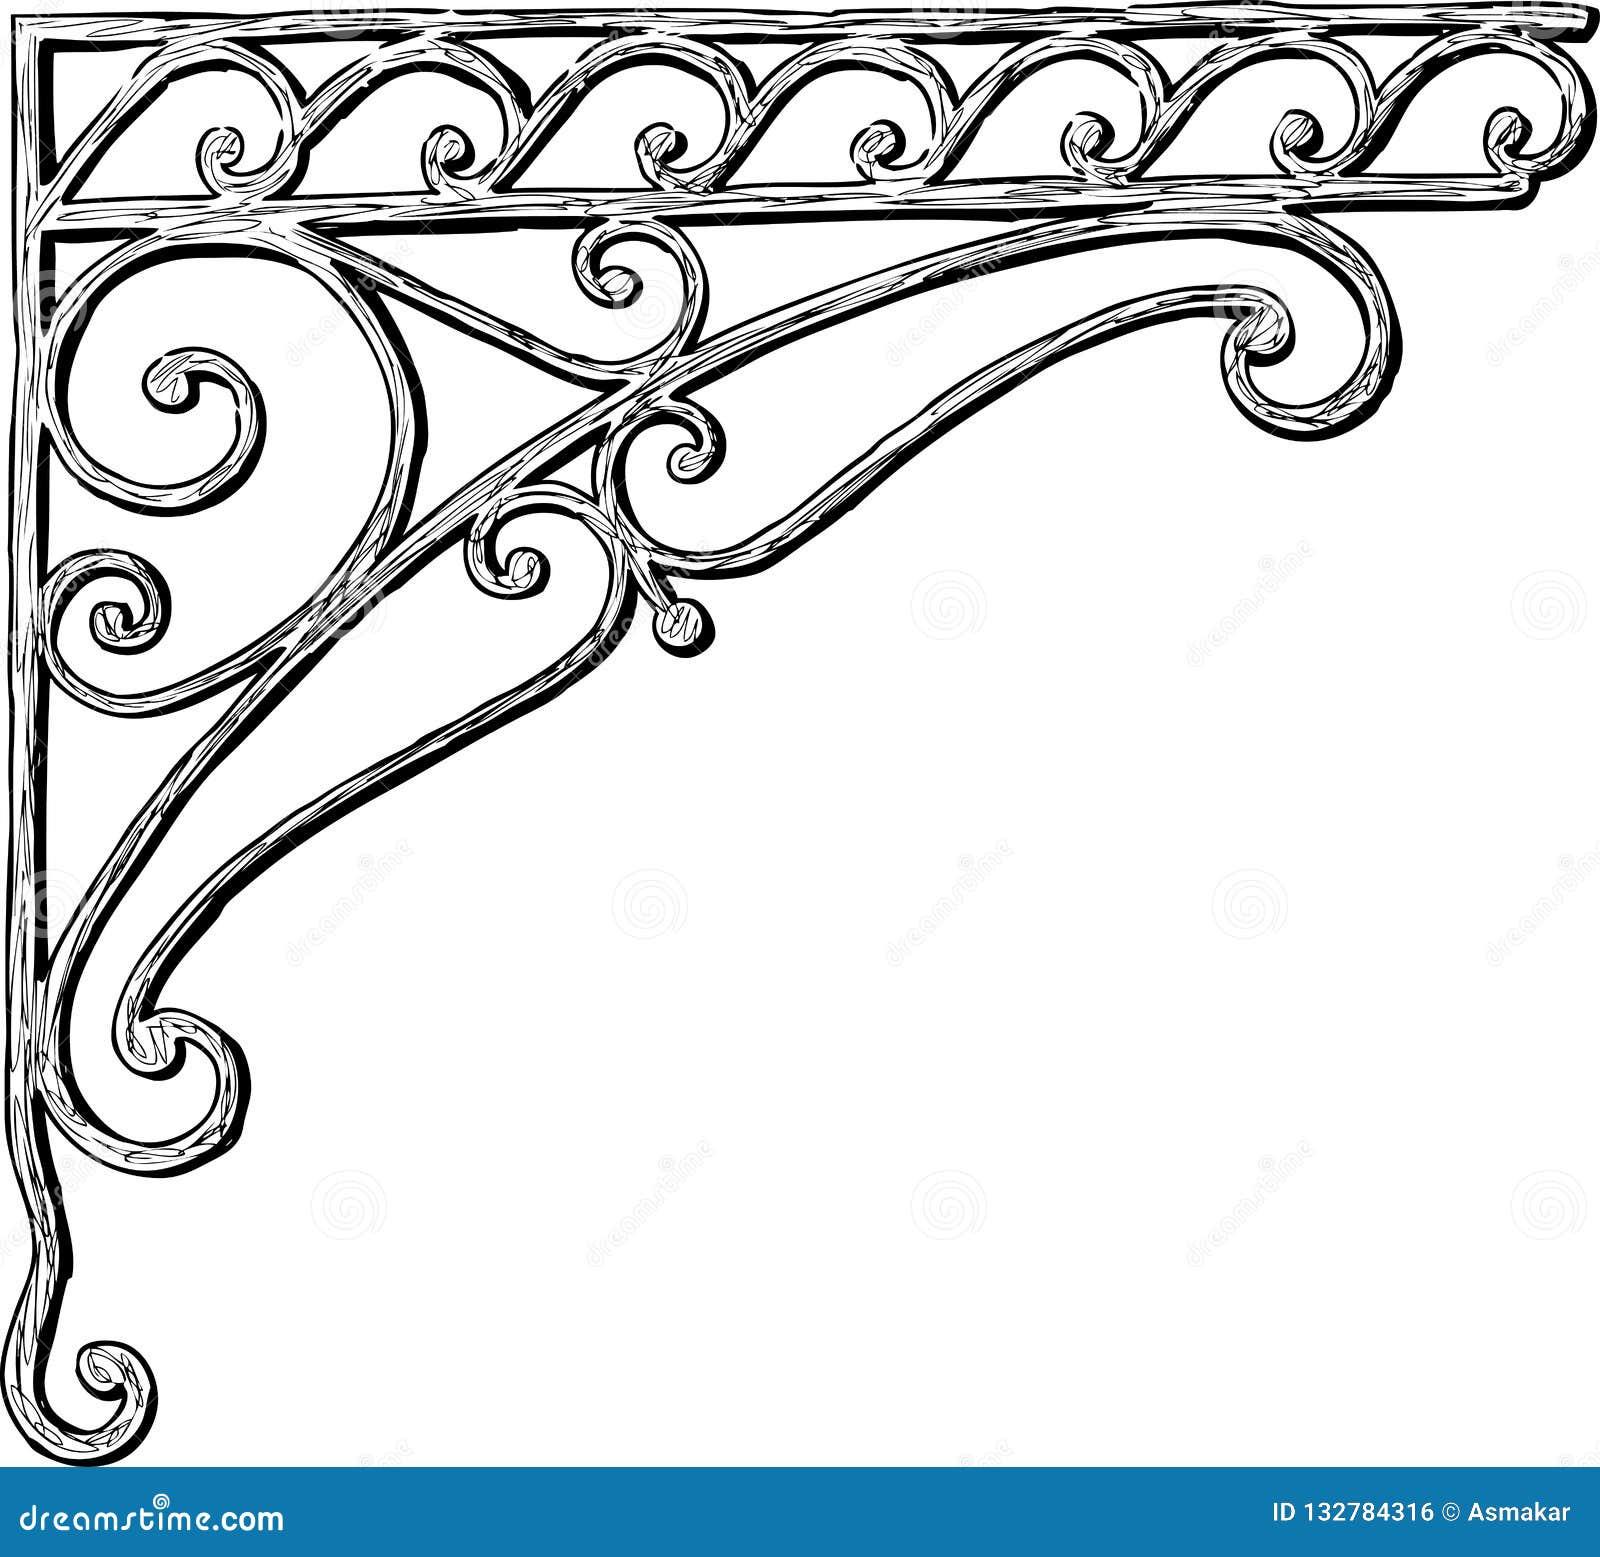 Dibujo de la mano de un detalle arquitectónico en forma de una esquina ornamental